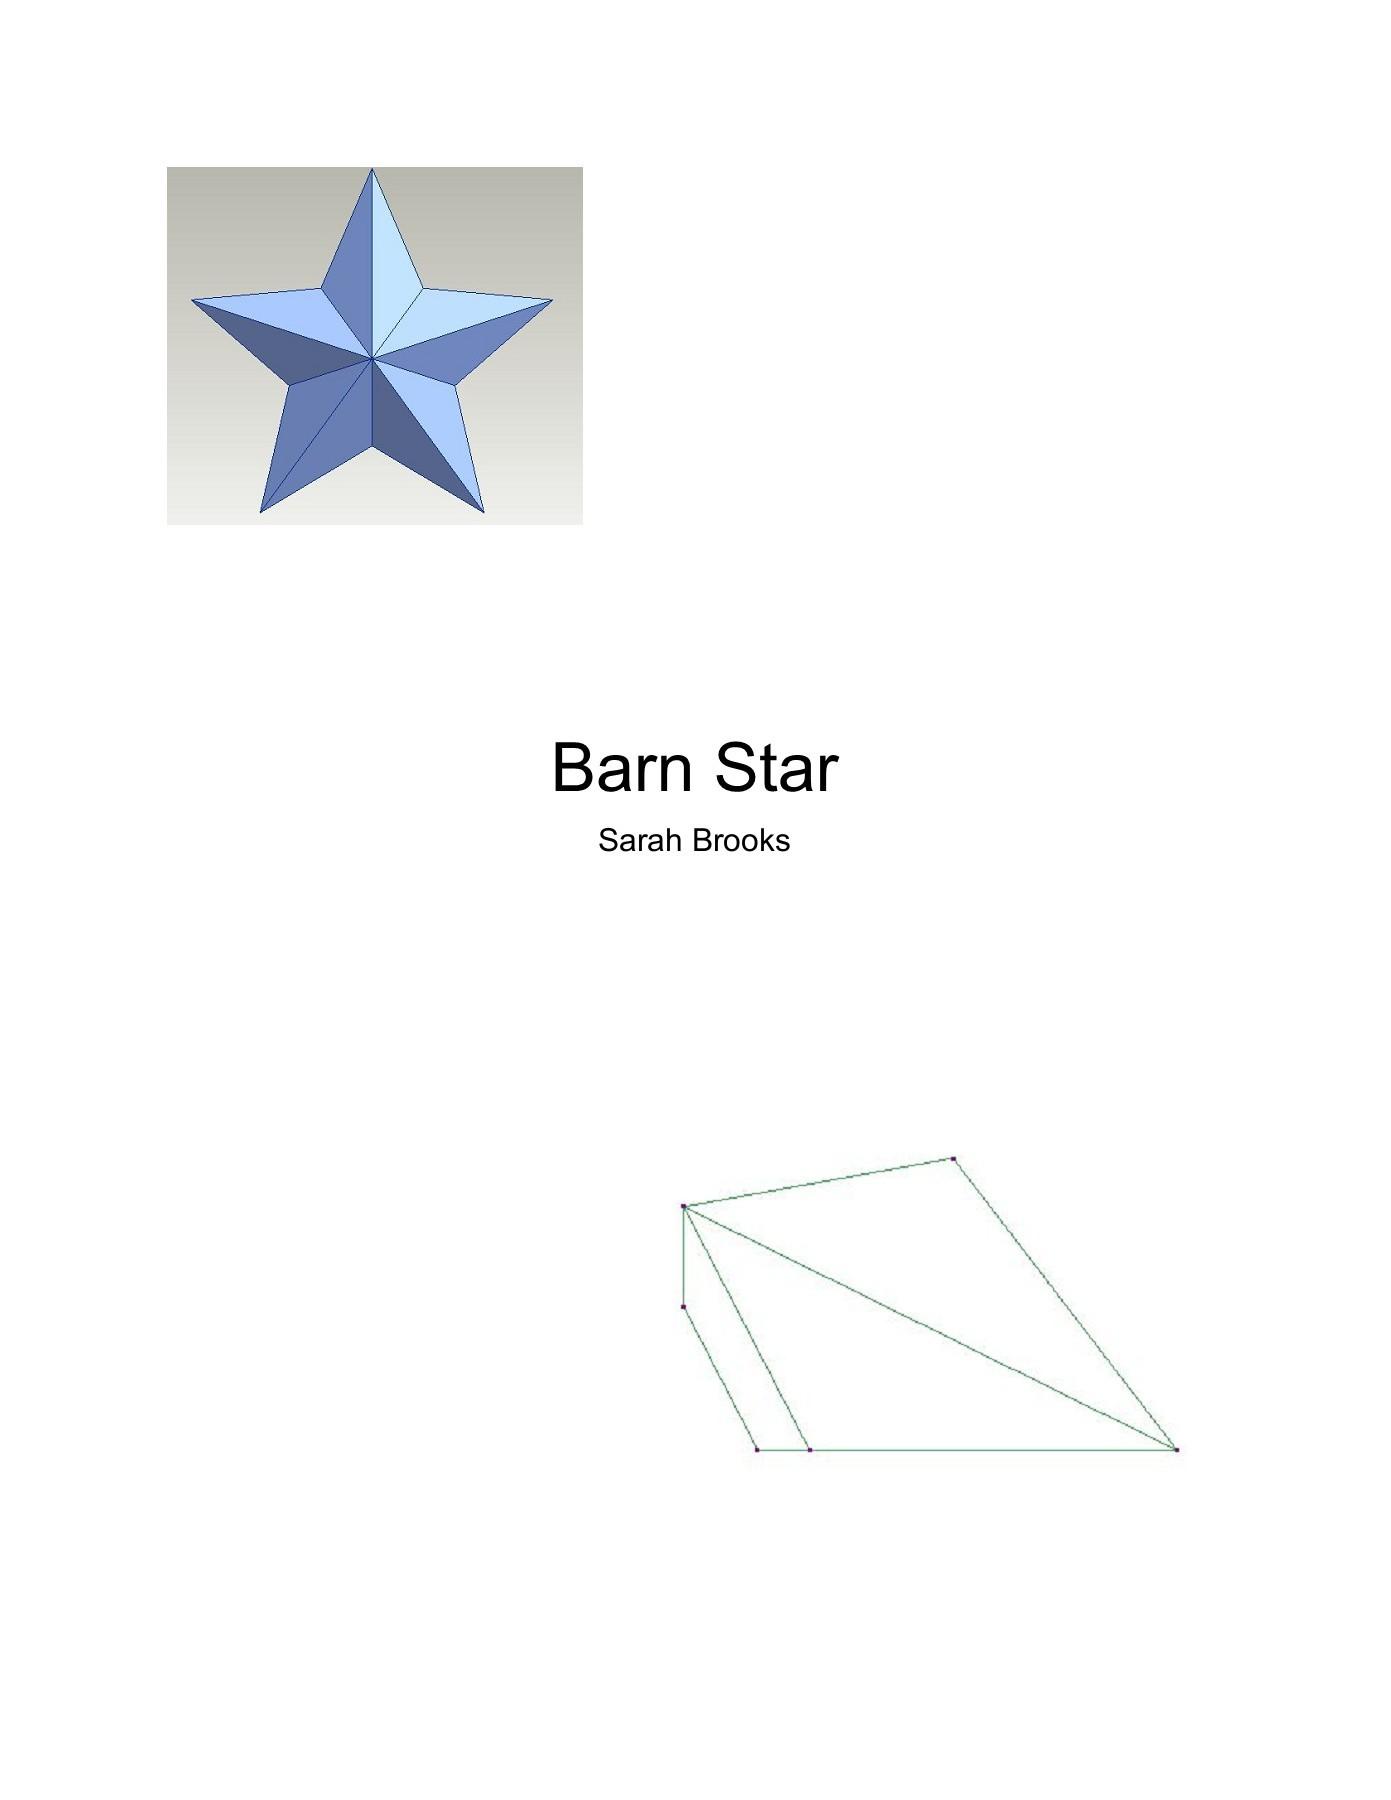 medium resolution of description barn star